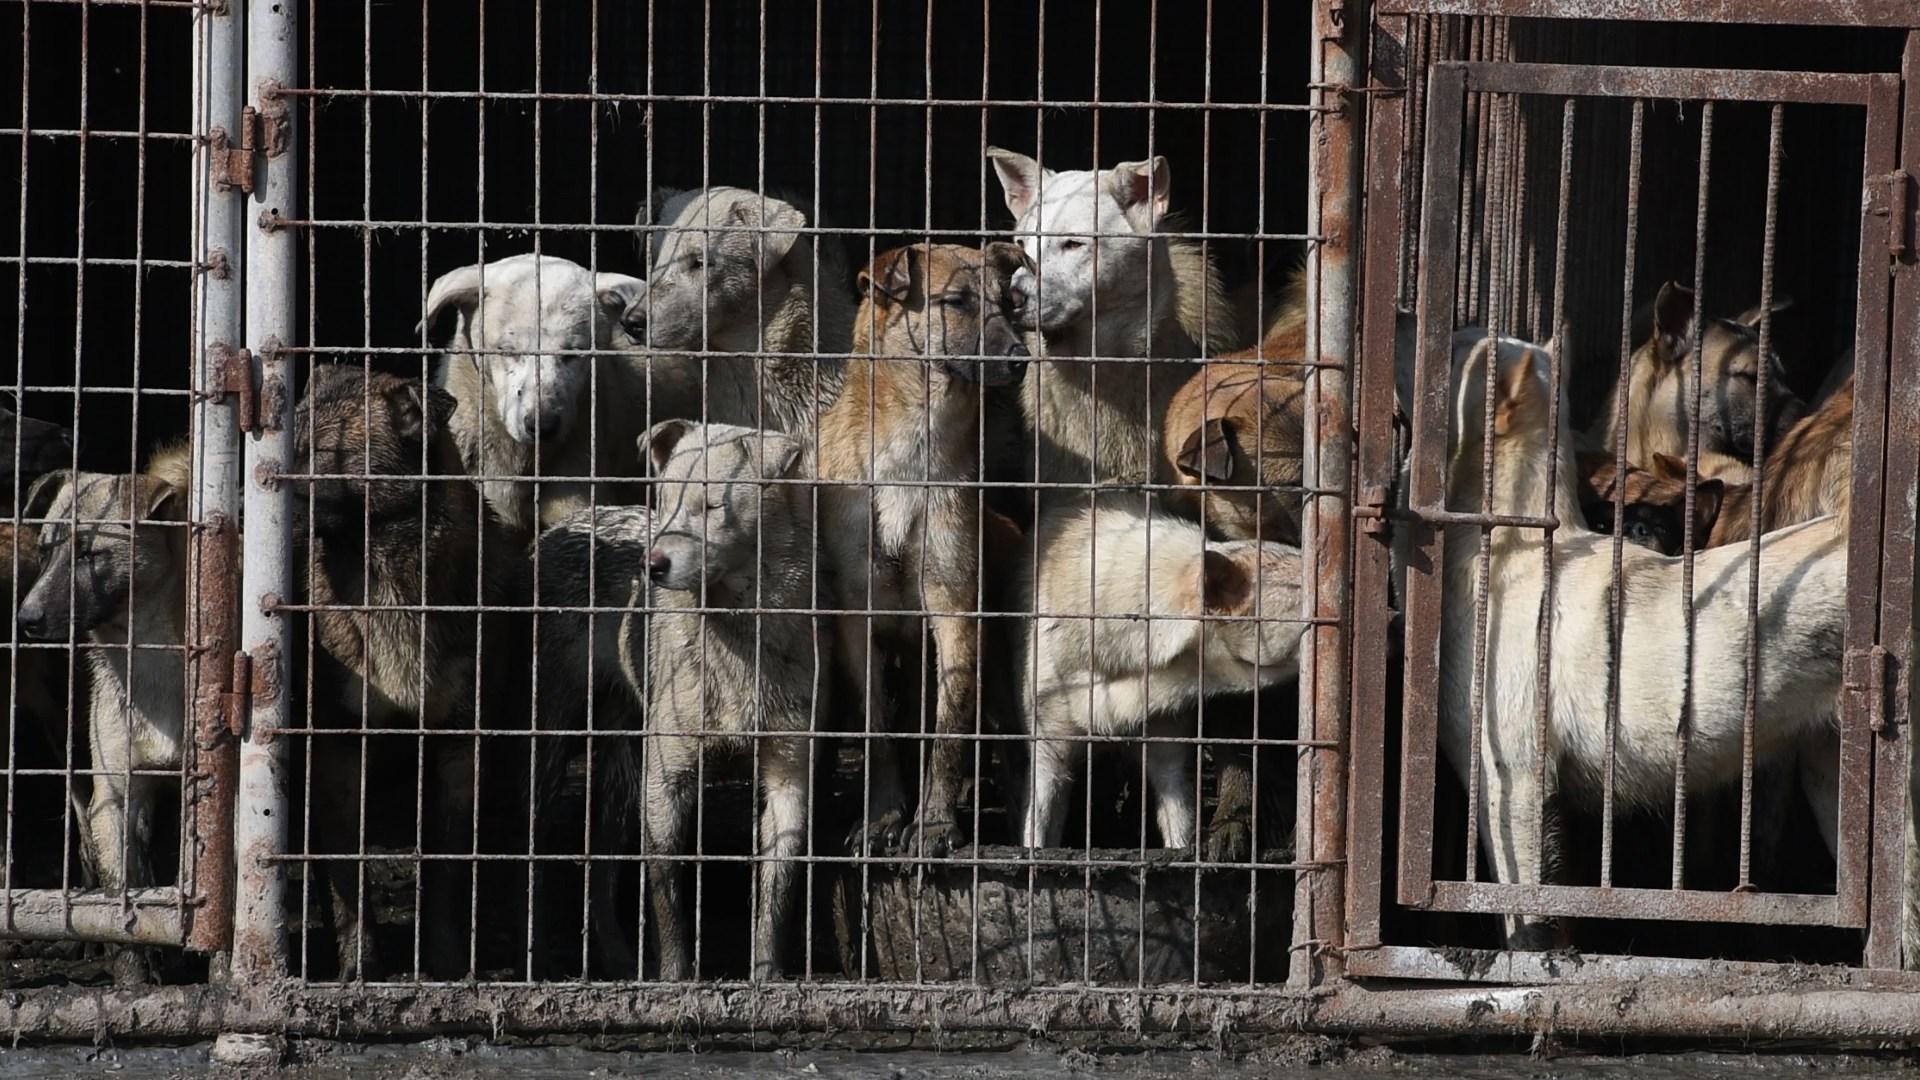 Законопроект о жестоком обращении с животными готовят ко второму чтению